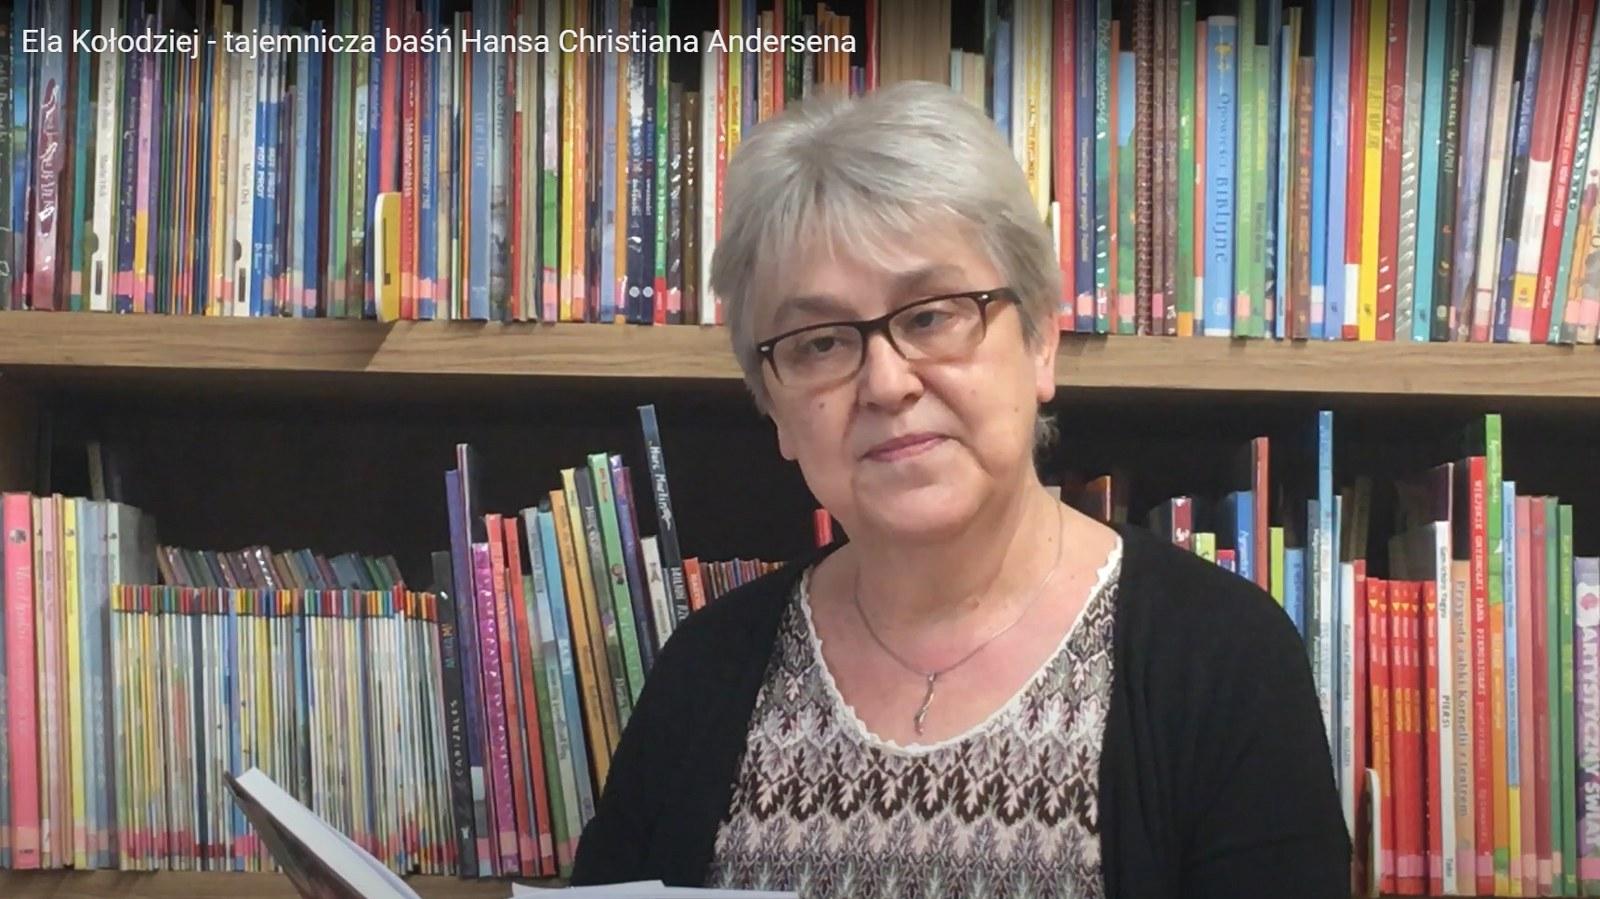 na zdjęciu uśmiechnięta, siwowłosa bibliotekarka w okularach siedząca na tle regału z książkami